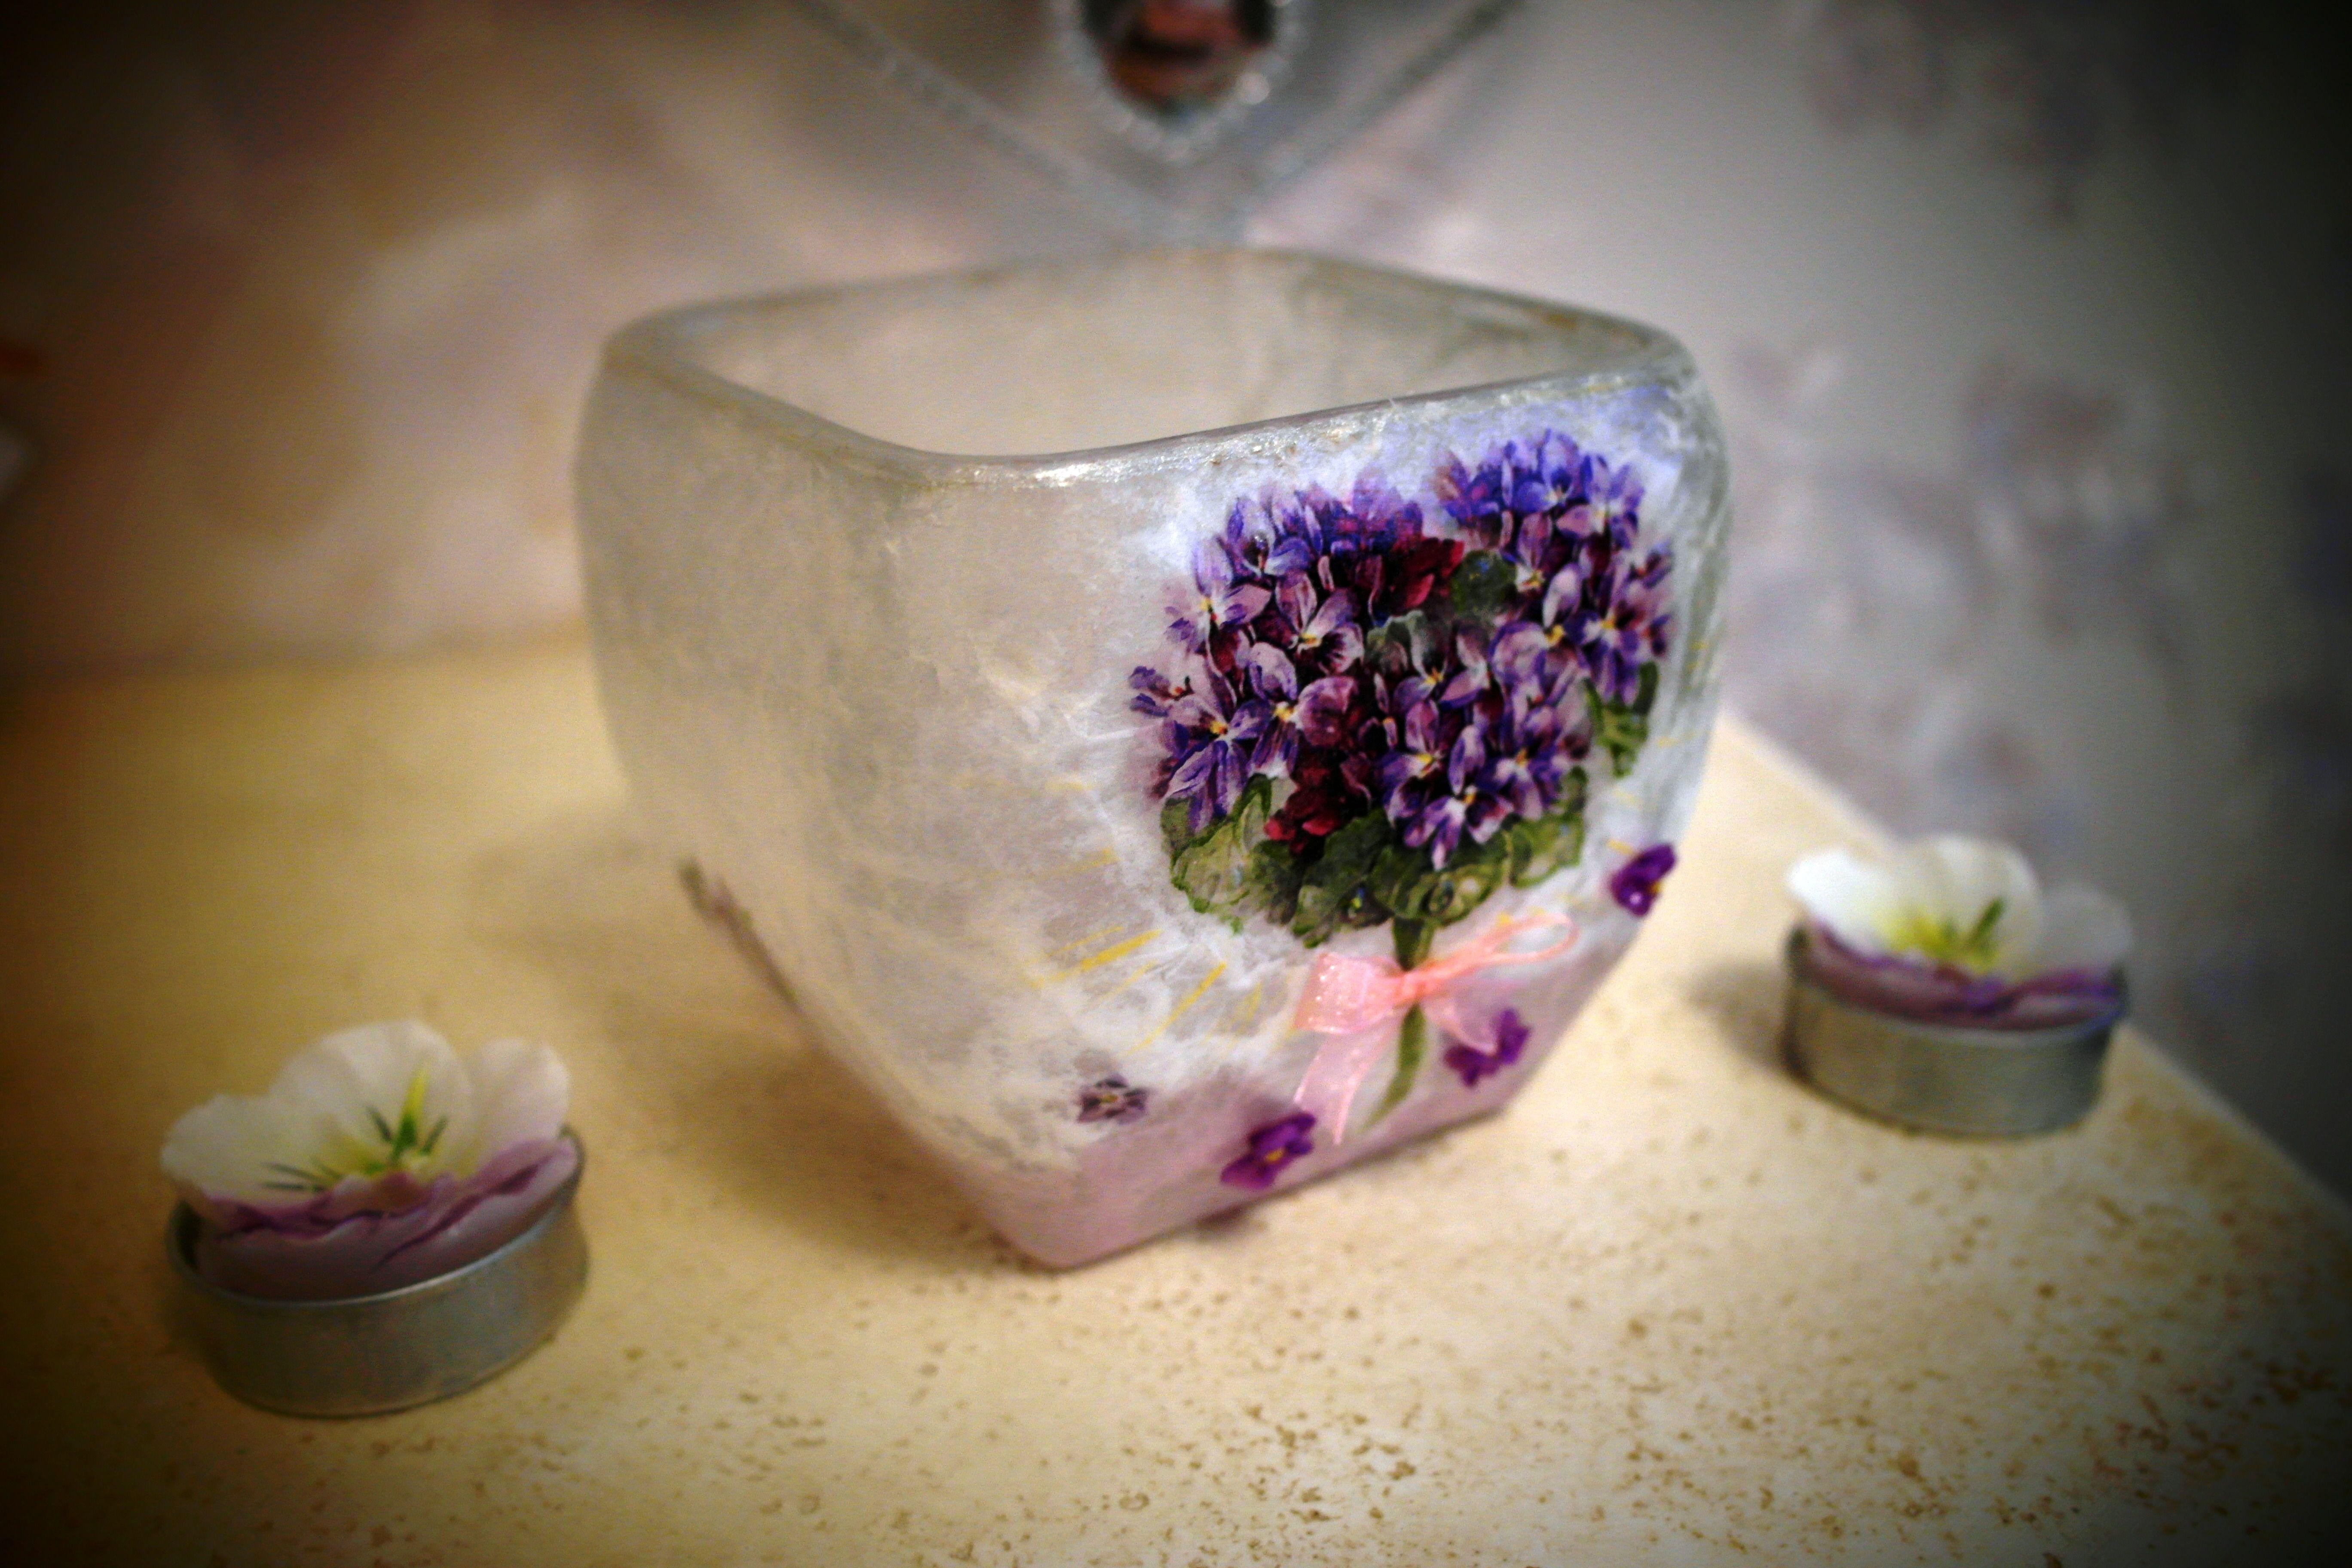 уникальныйподарок украшениеинтерьера угрушка handmade бижутерия ручнаяработа творчество полимернаяглина цветы картина